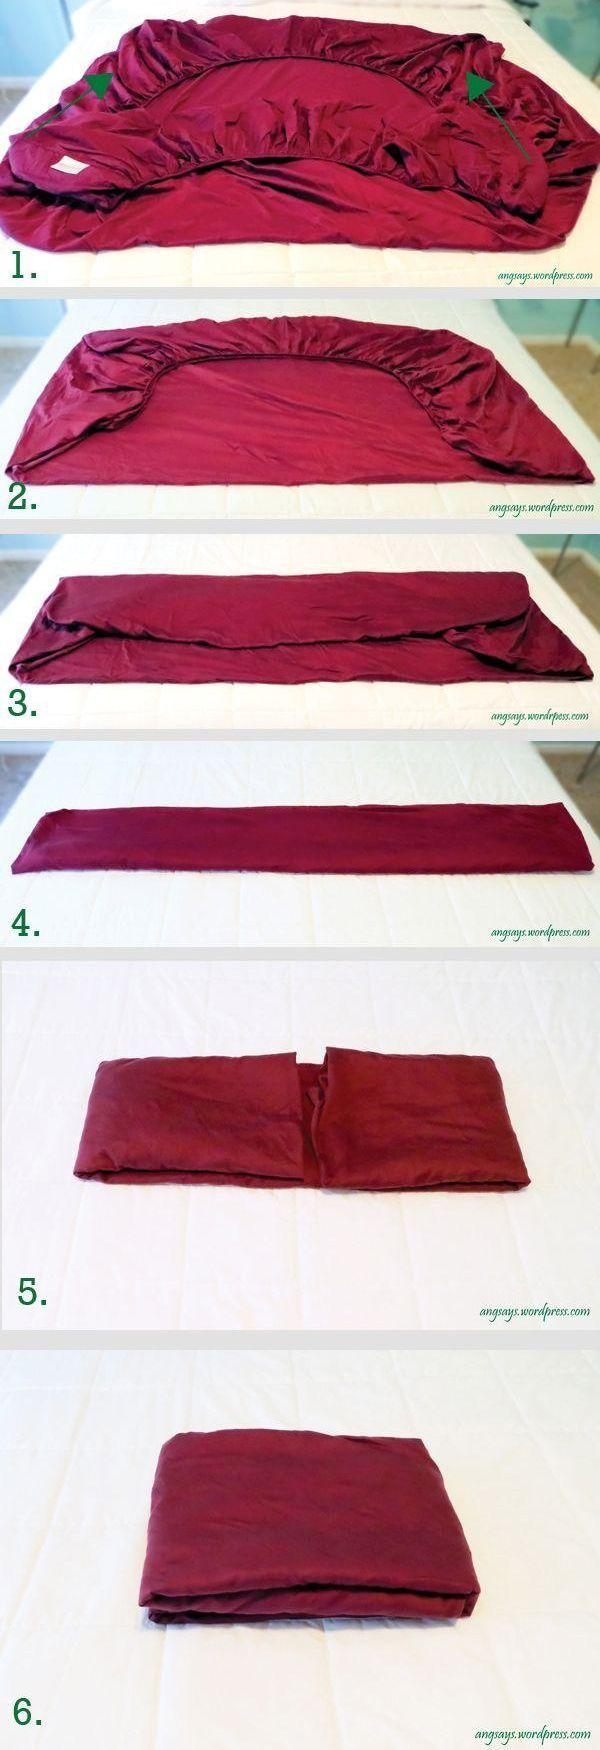 Кровать 160х200 недорого москва